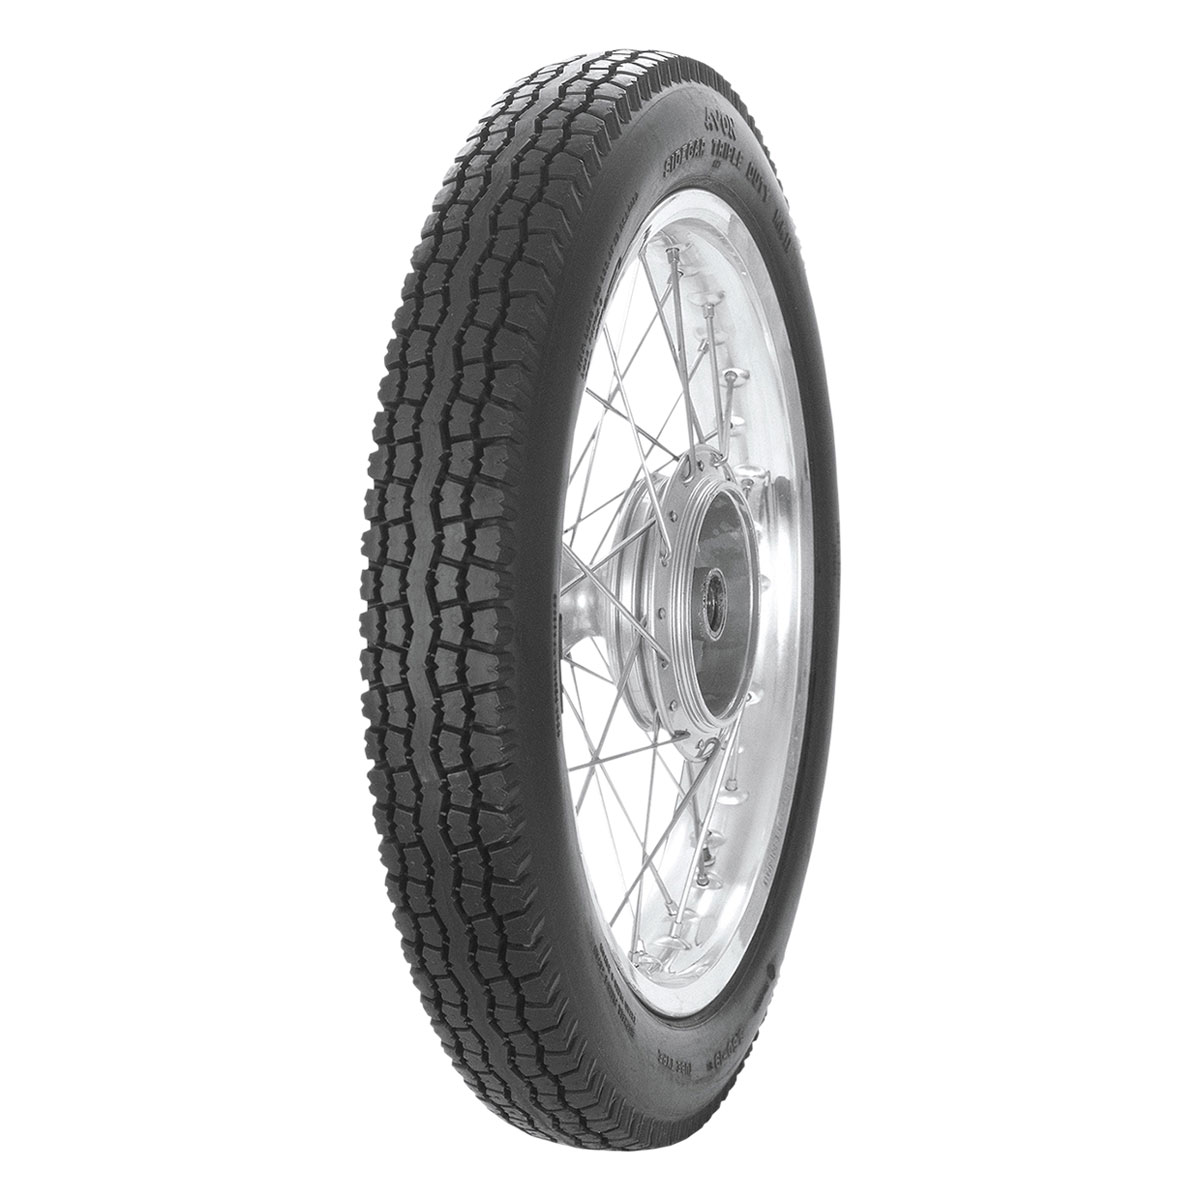 Avon MKII Sidecar Triple Duty 3.50-19 Sidecar Tire